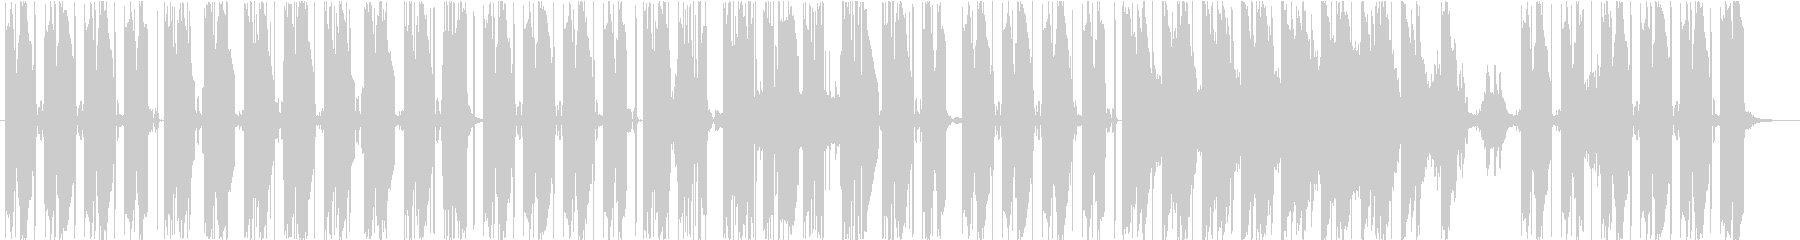 和のテイストを持つトラップの未再生の波形